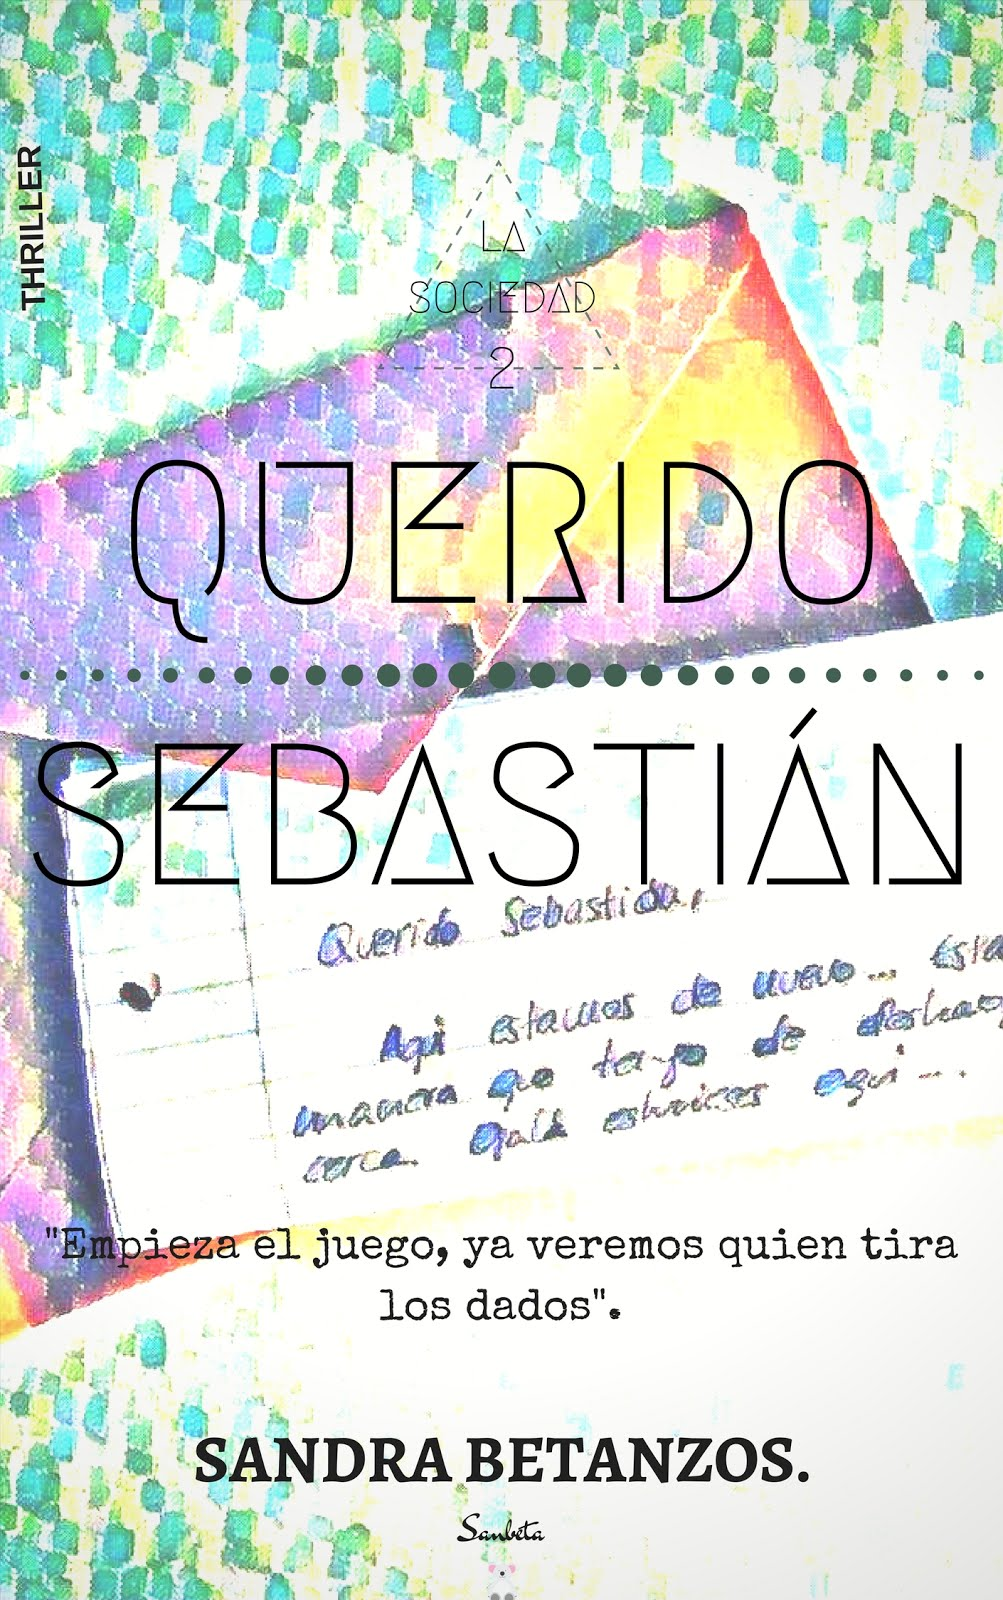 MI LIBRO: QUERIDO SEBASTIÁN (link en imagen)